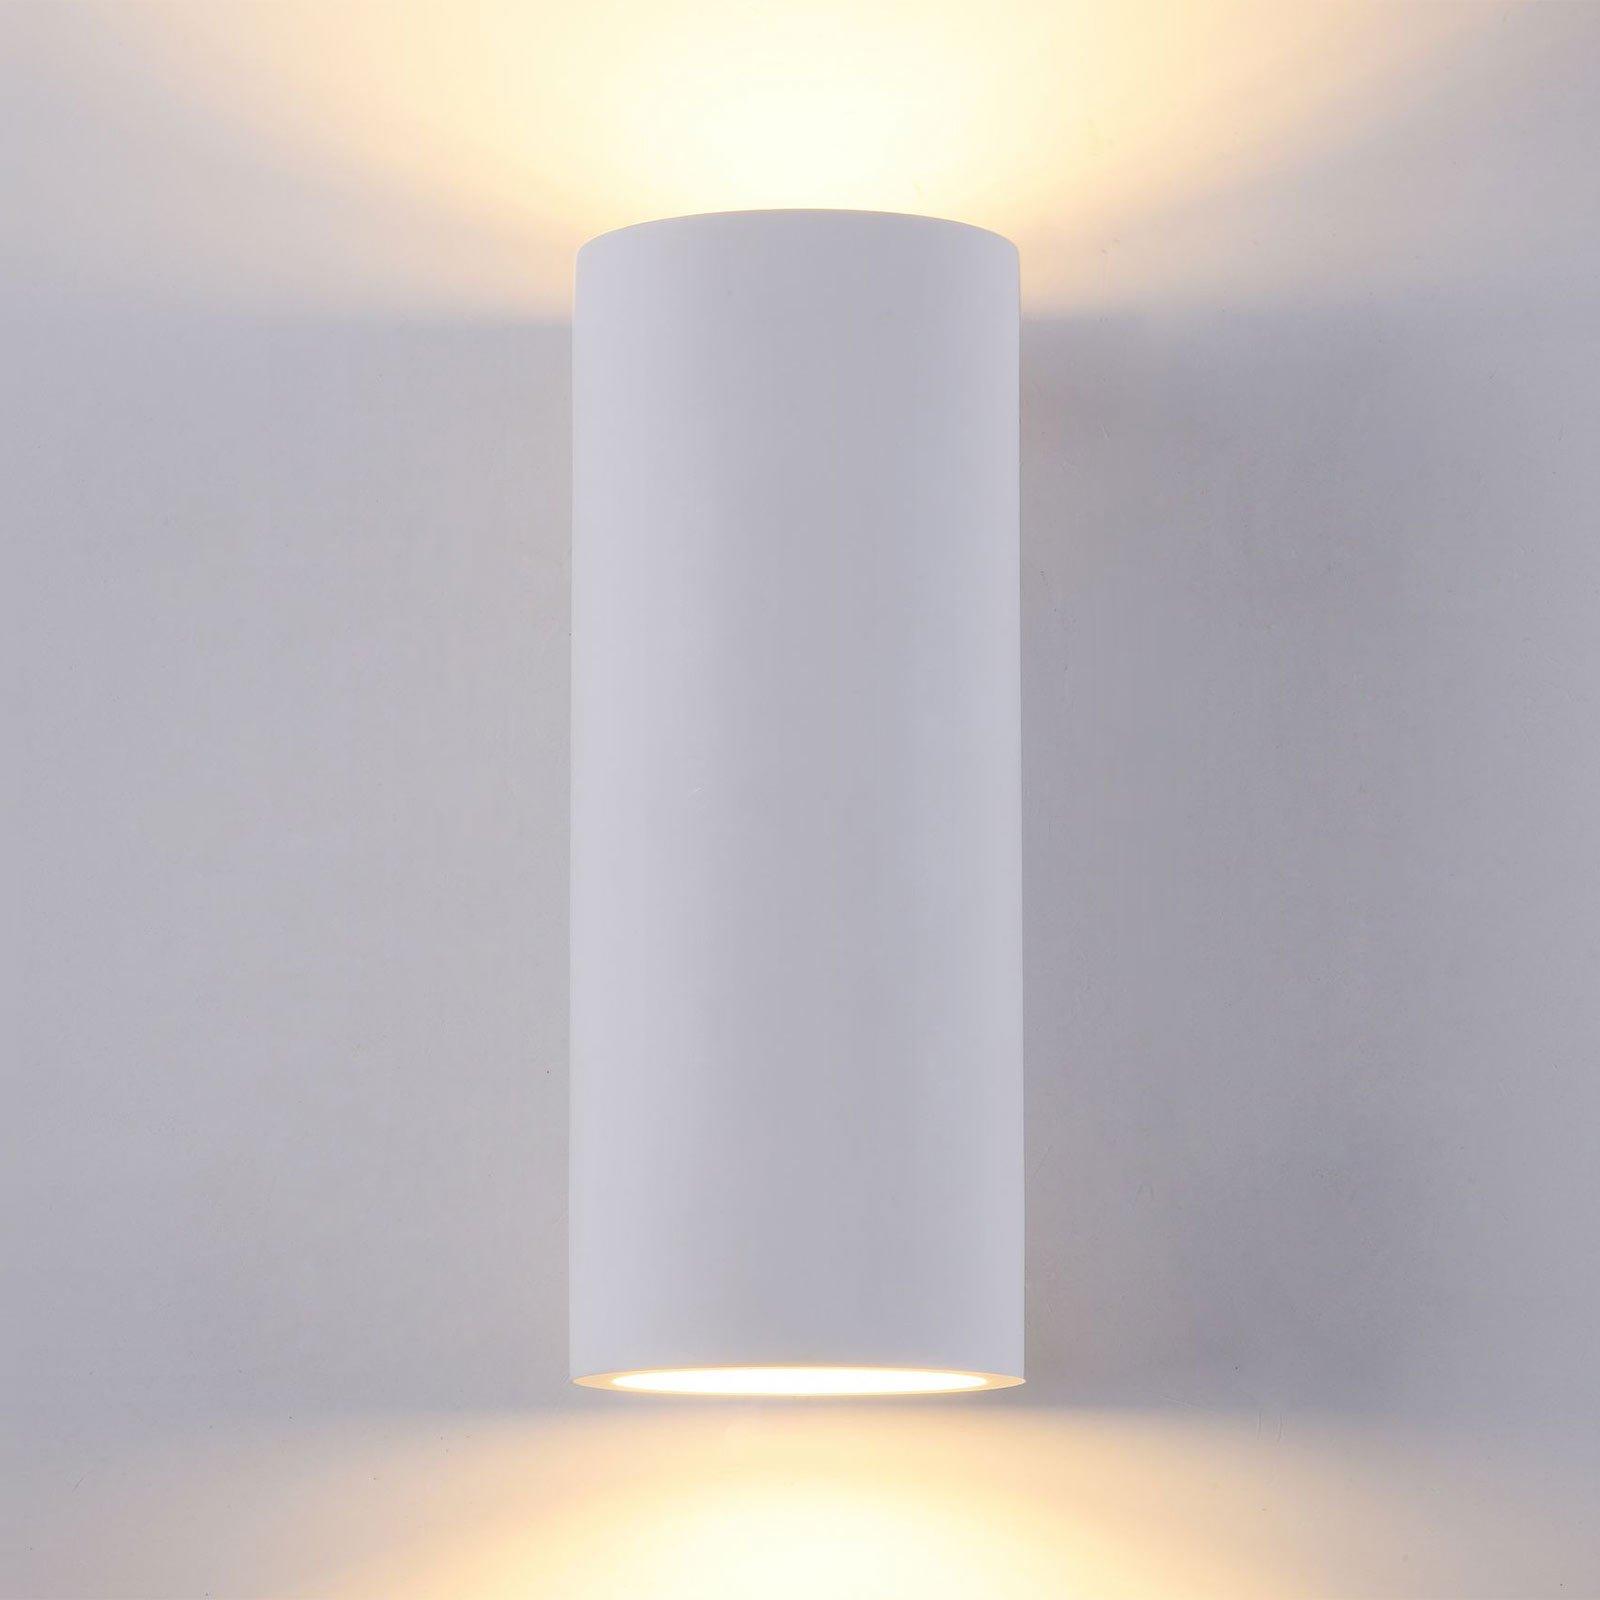 Parma vegglampe av gips, 8x20 cm